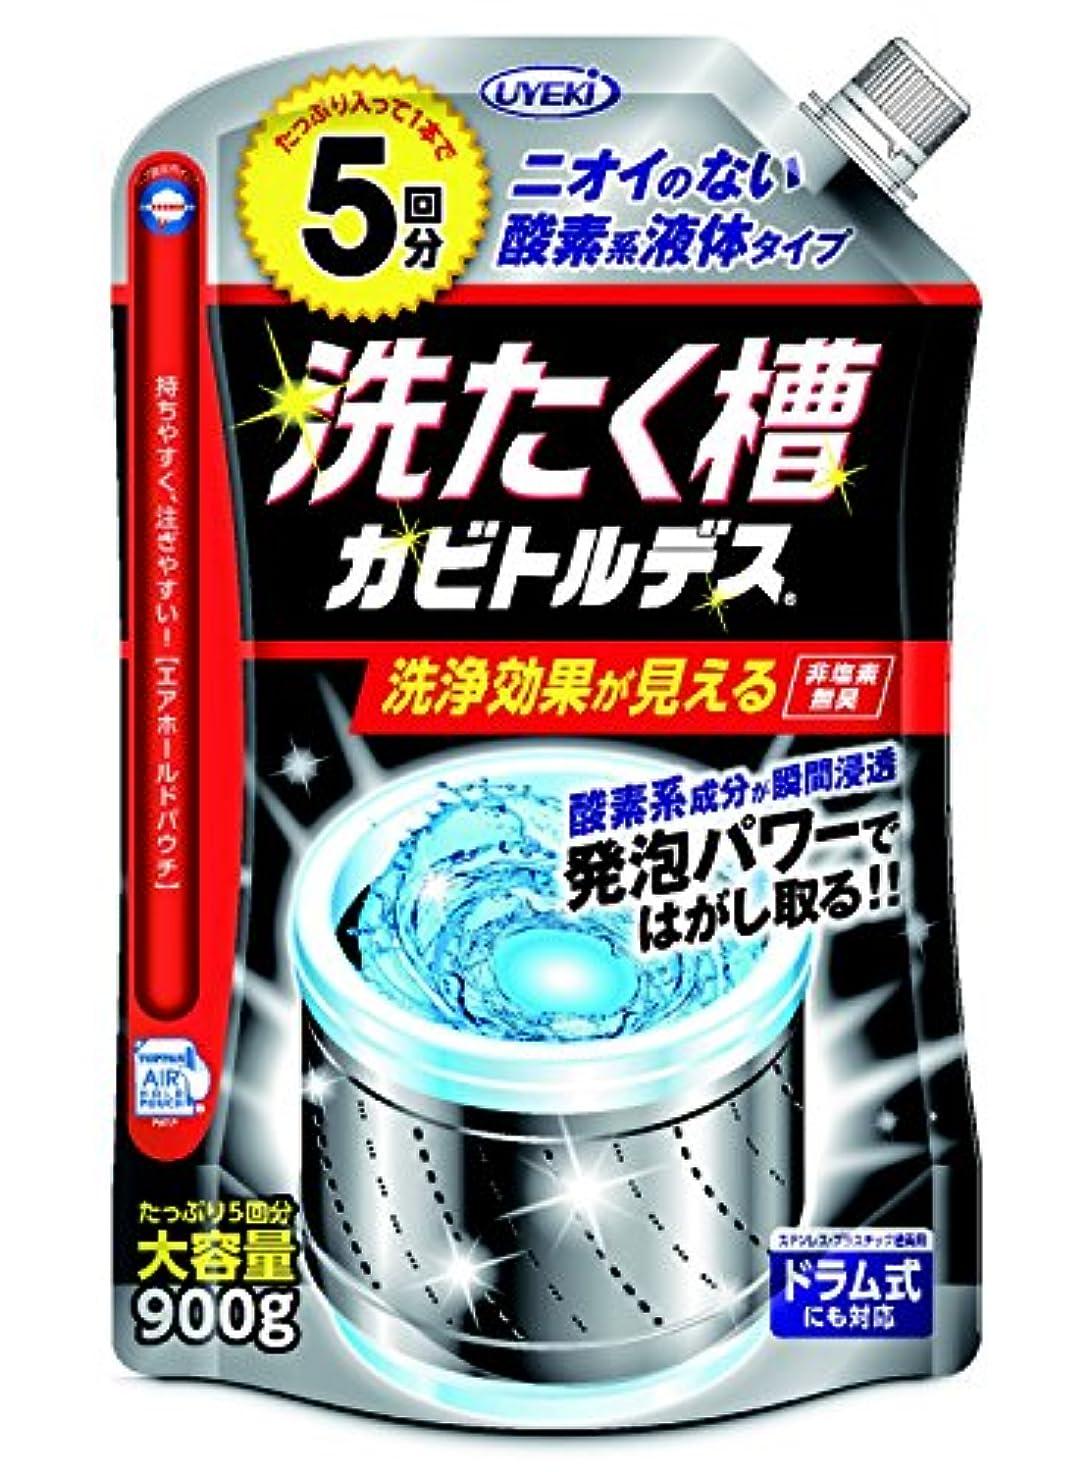 贈り物時折クラック洗たく槽カビトルデス 酸素系液体タイプ ドラム式にも対応 大容量 5回分 900g